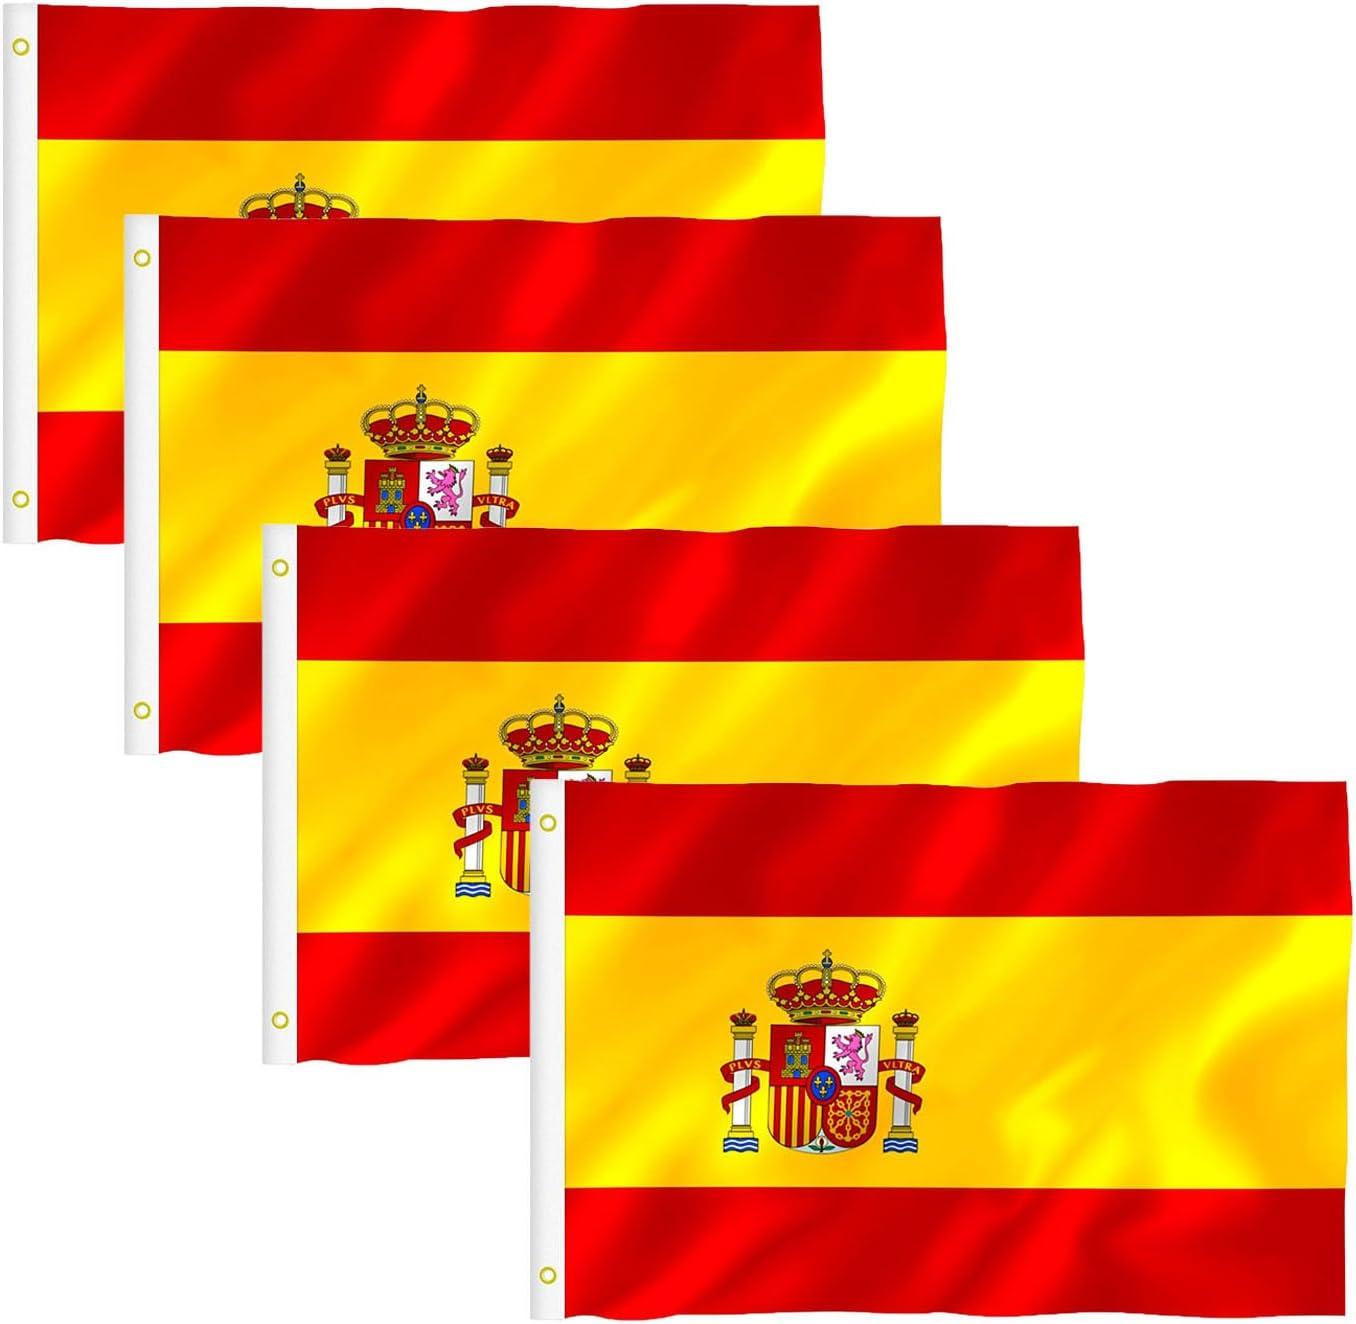 Tesan Bandera España Grande, Bandera de España, Resistente a la Intemperie, 90 x 150 cm, 4pcs: Amazon.es: Jardín